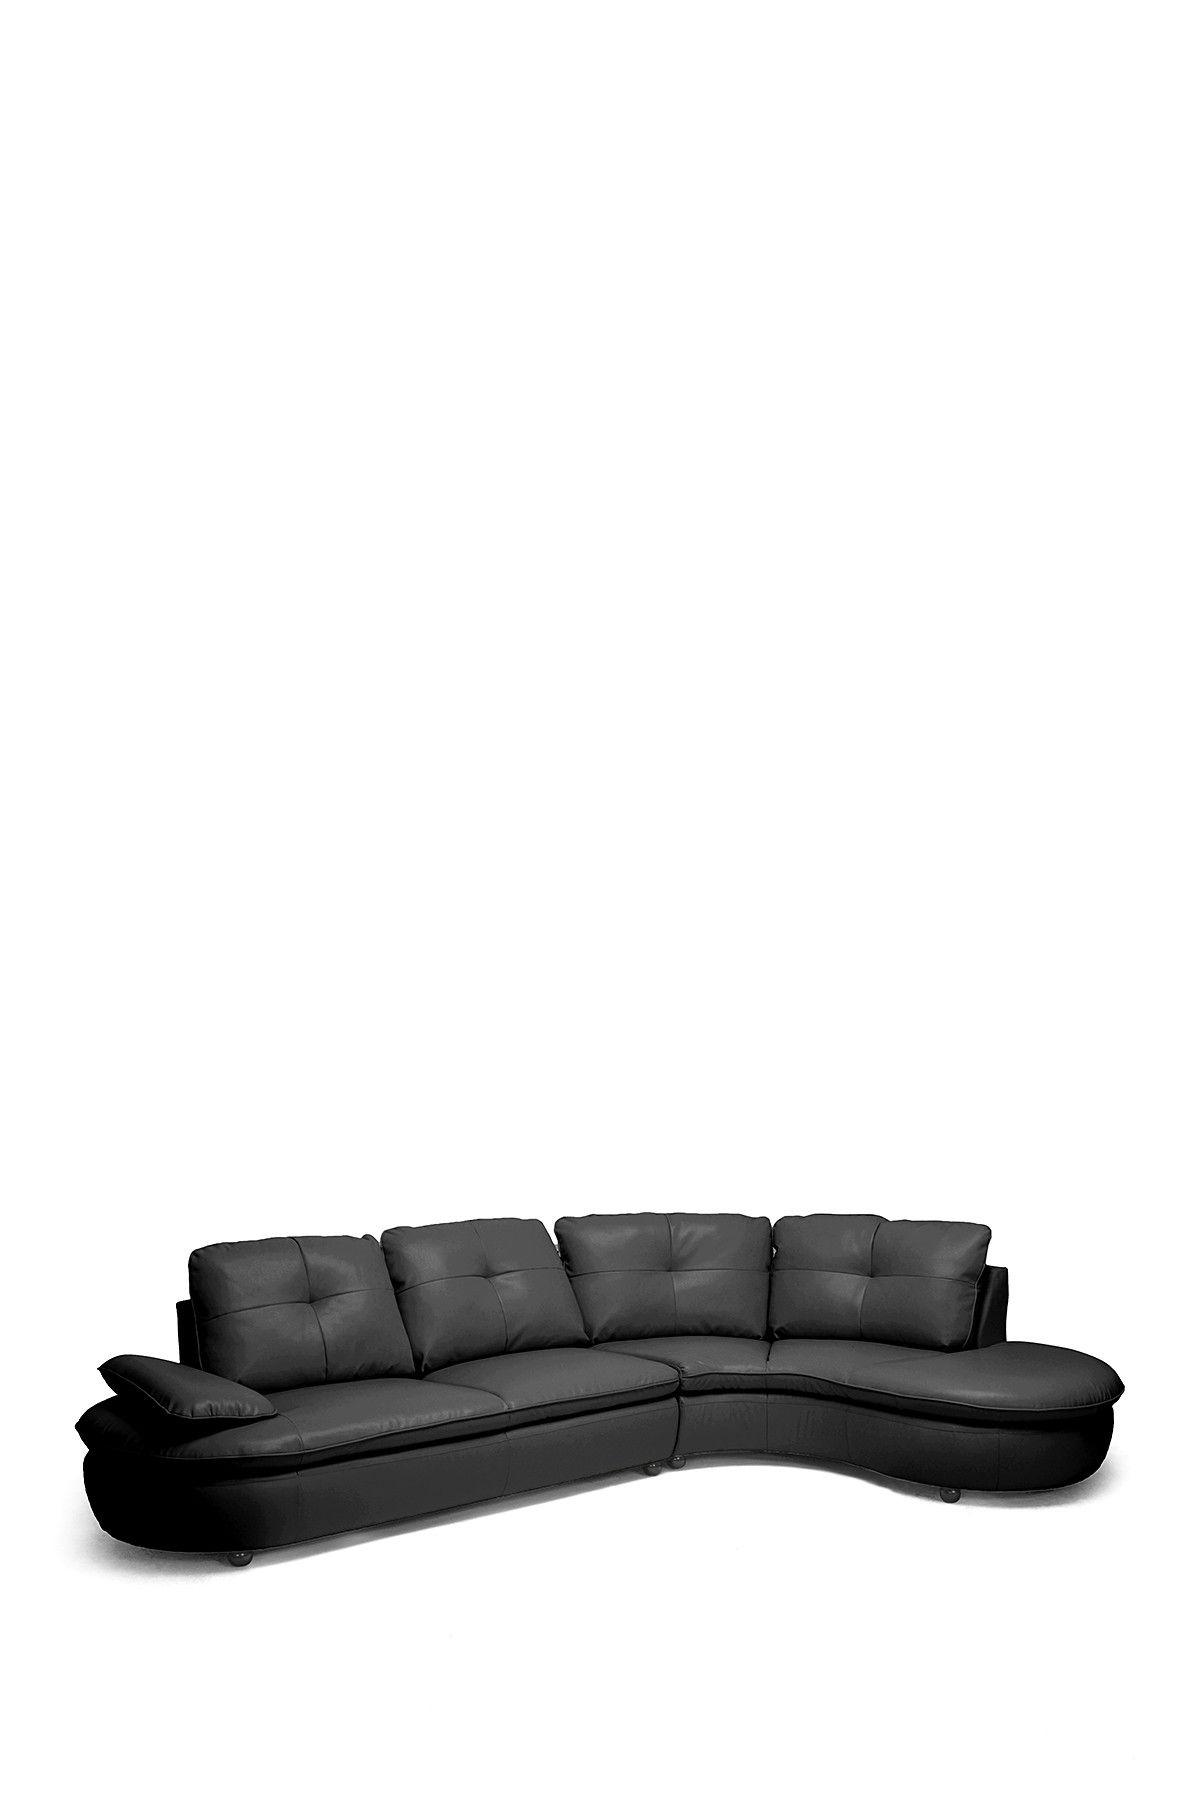 W I Modern Hilaria Black Leather Modern Sectional Sofa